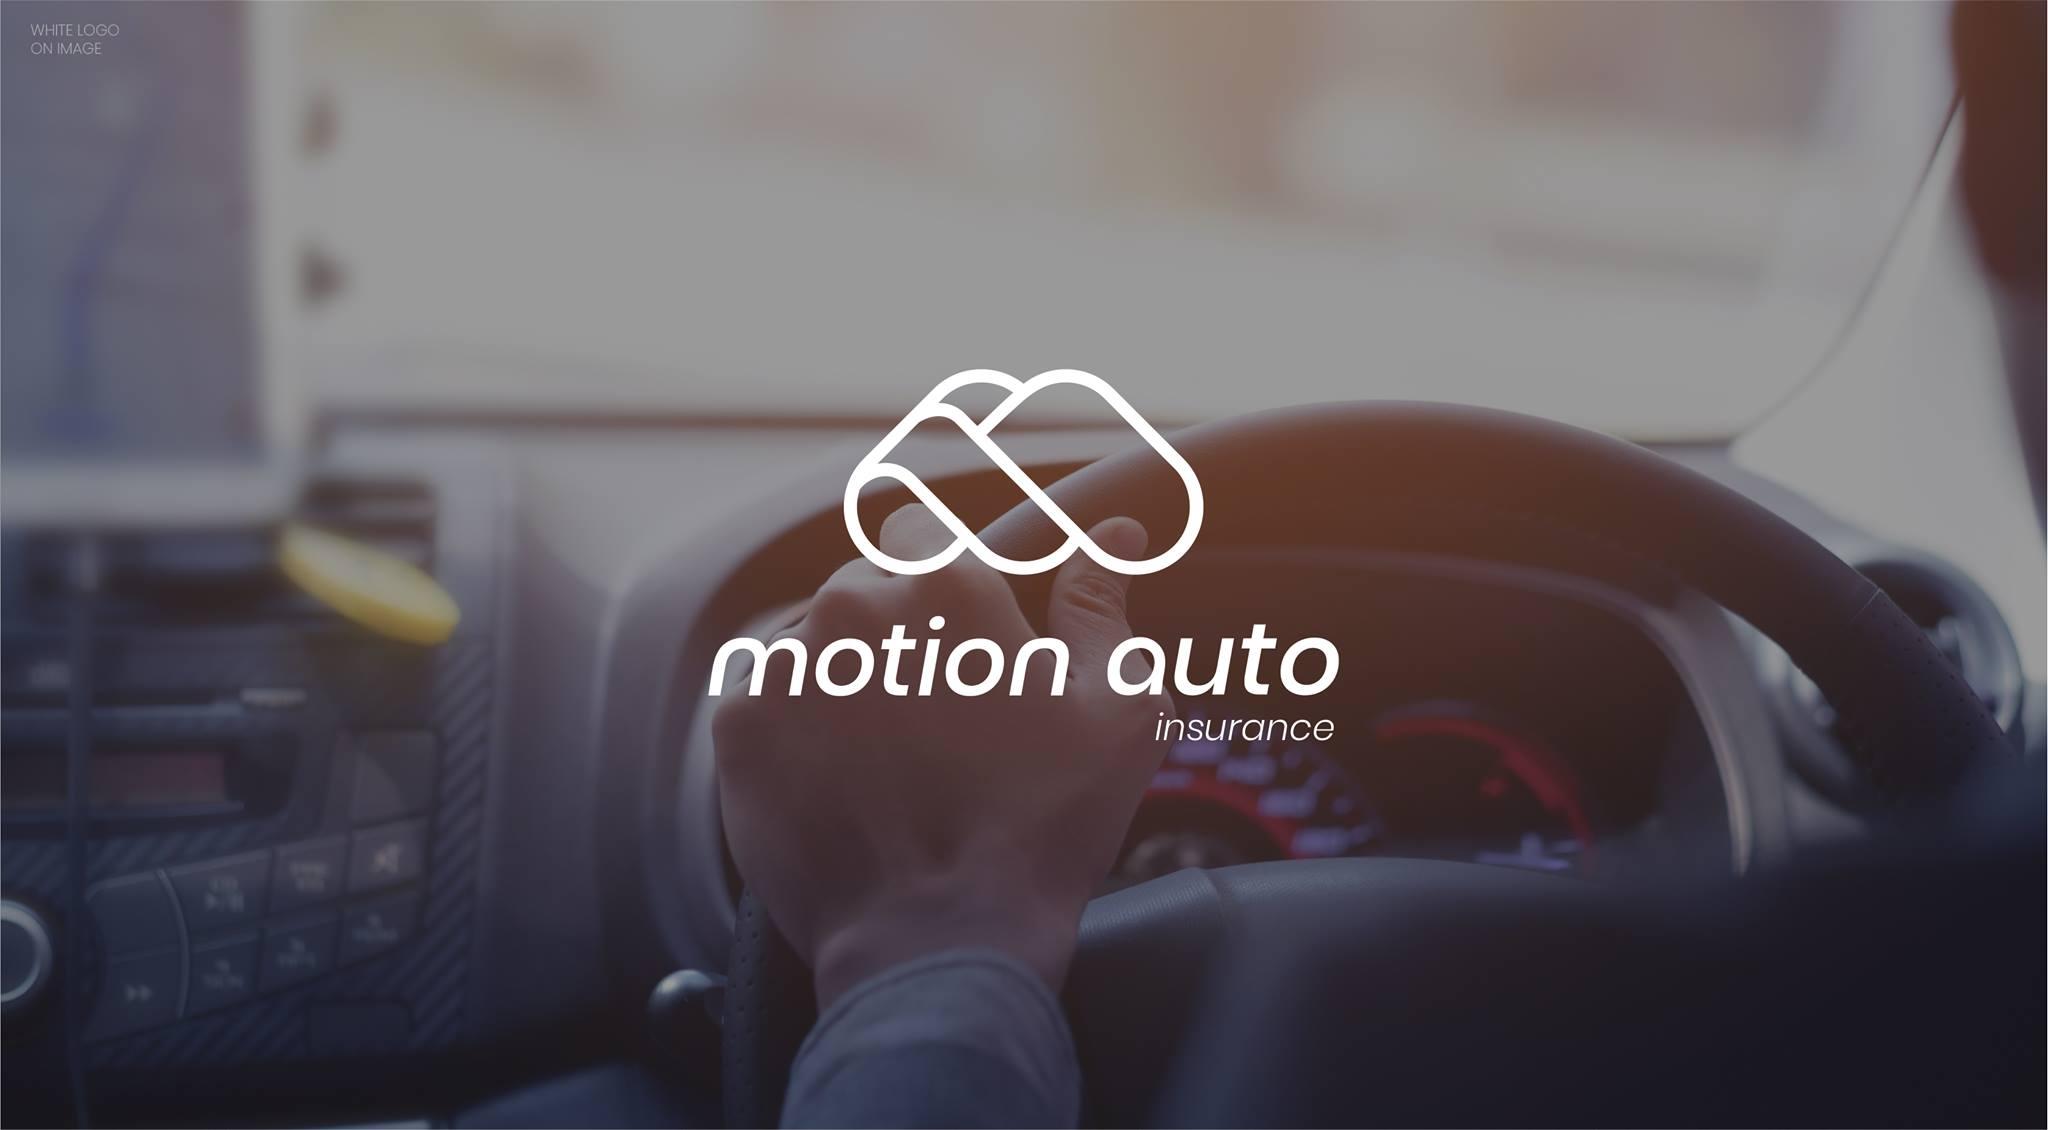 21-04-06-motion-auto-logo